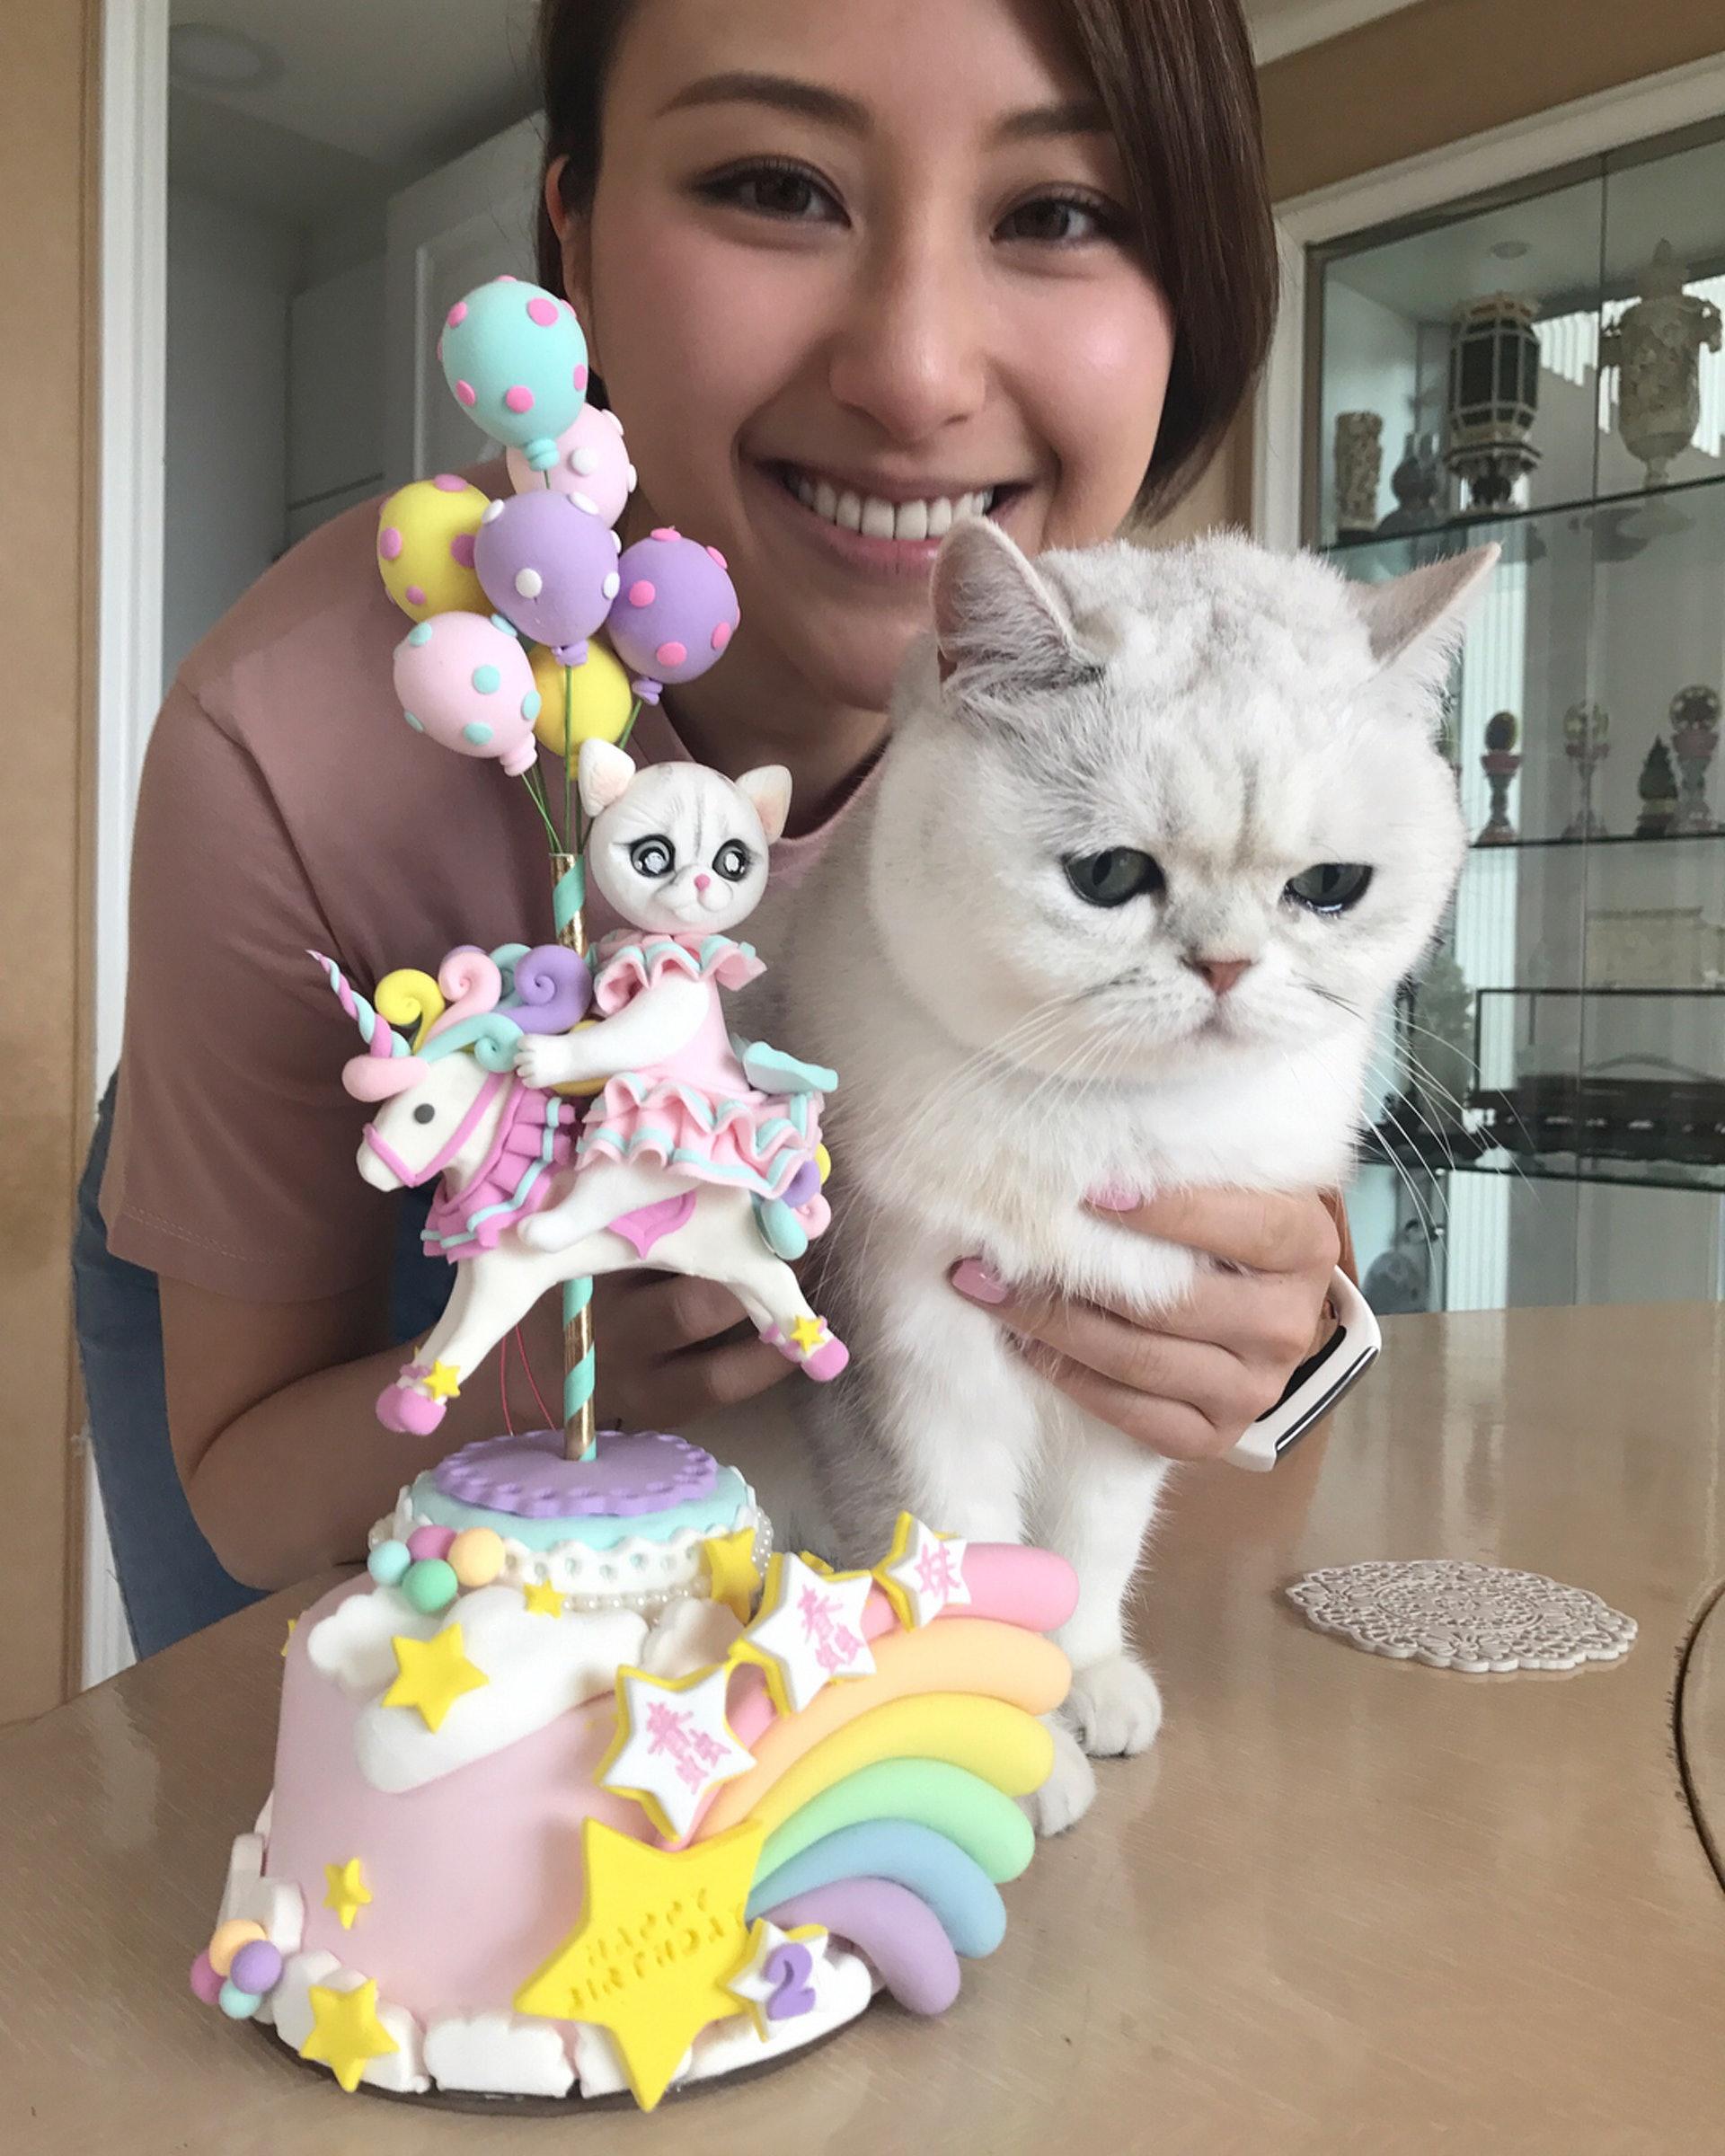 她們更會為貓貓舉行生日會(IG圖片)